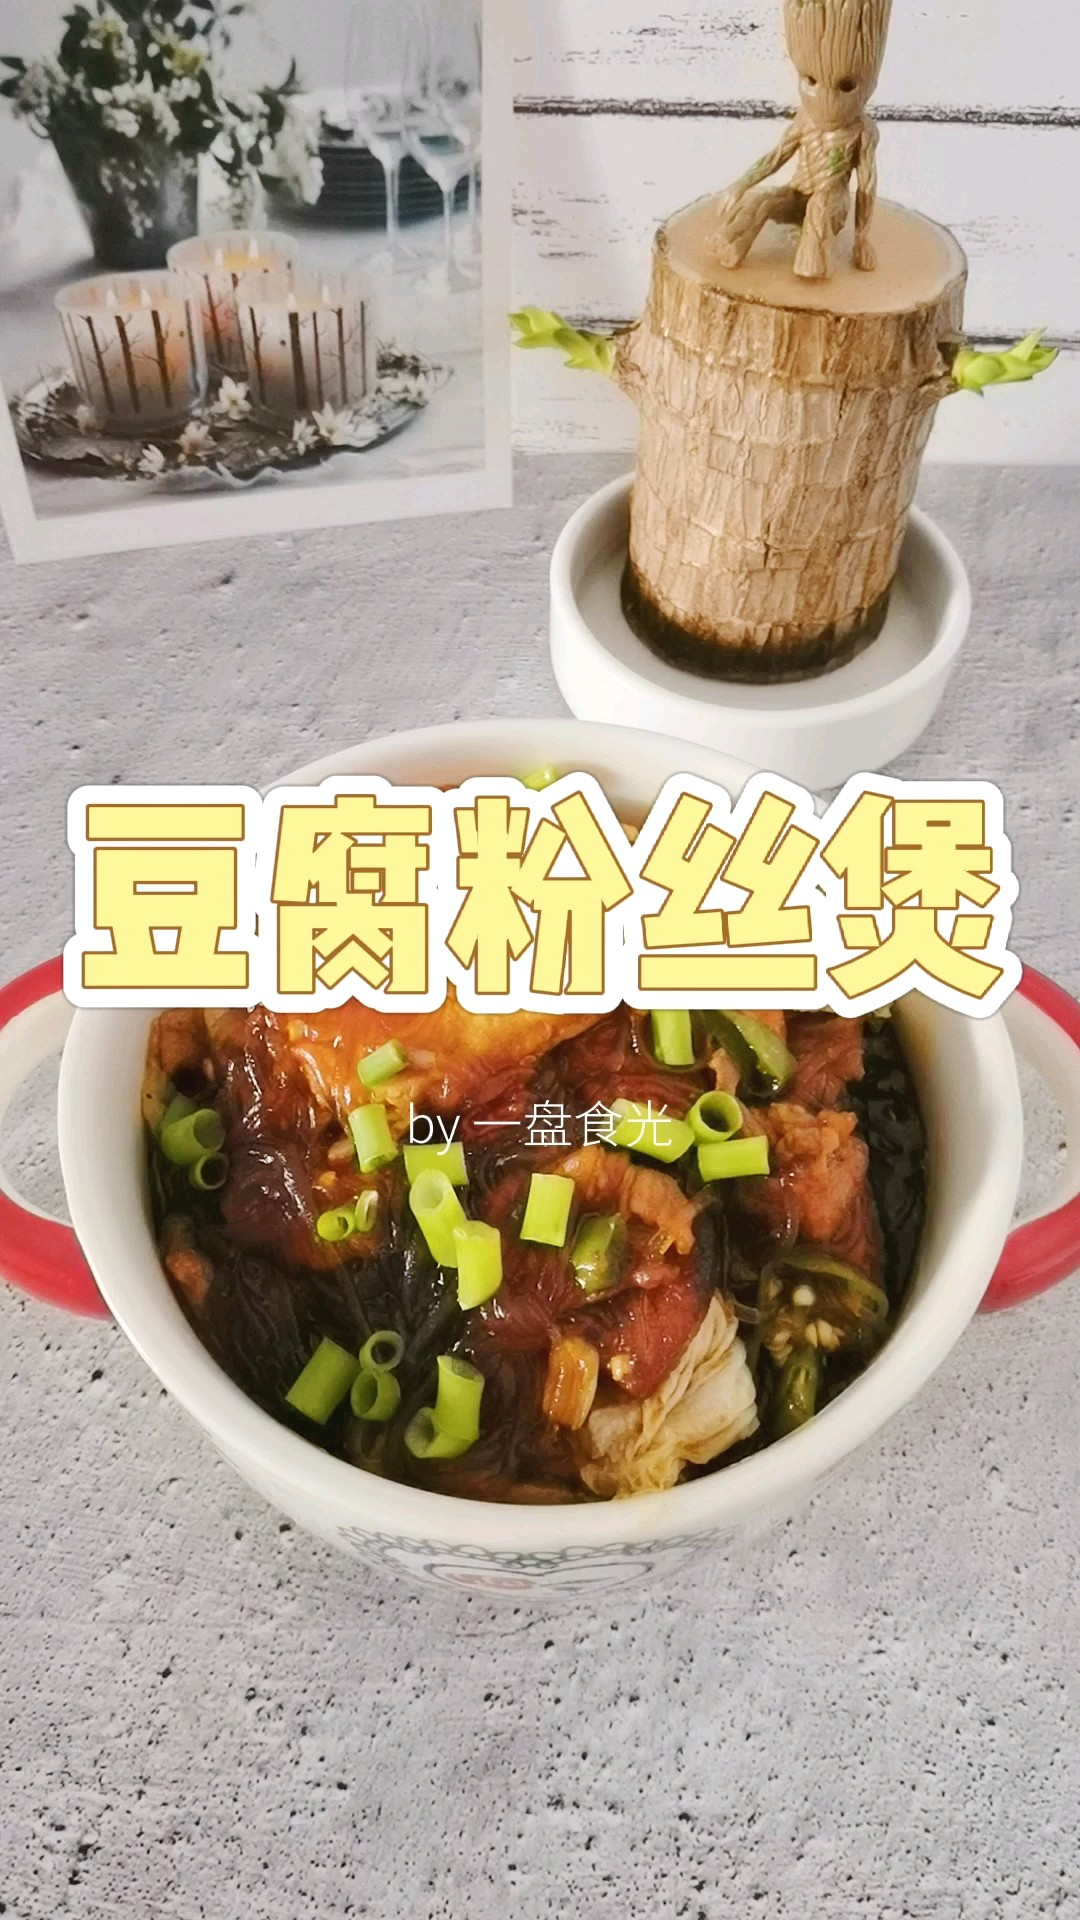 冬日暖胃家常菜-豆腐粉丝煲,荤素搭配,经济实惠又美味的做法